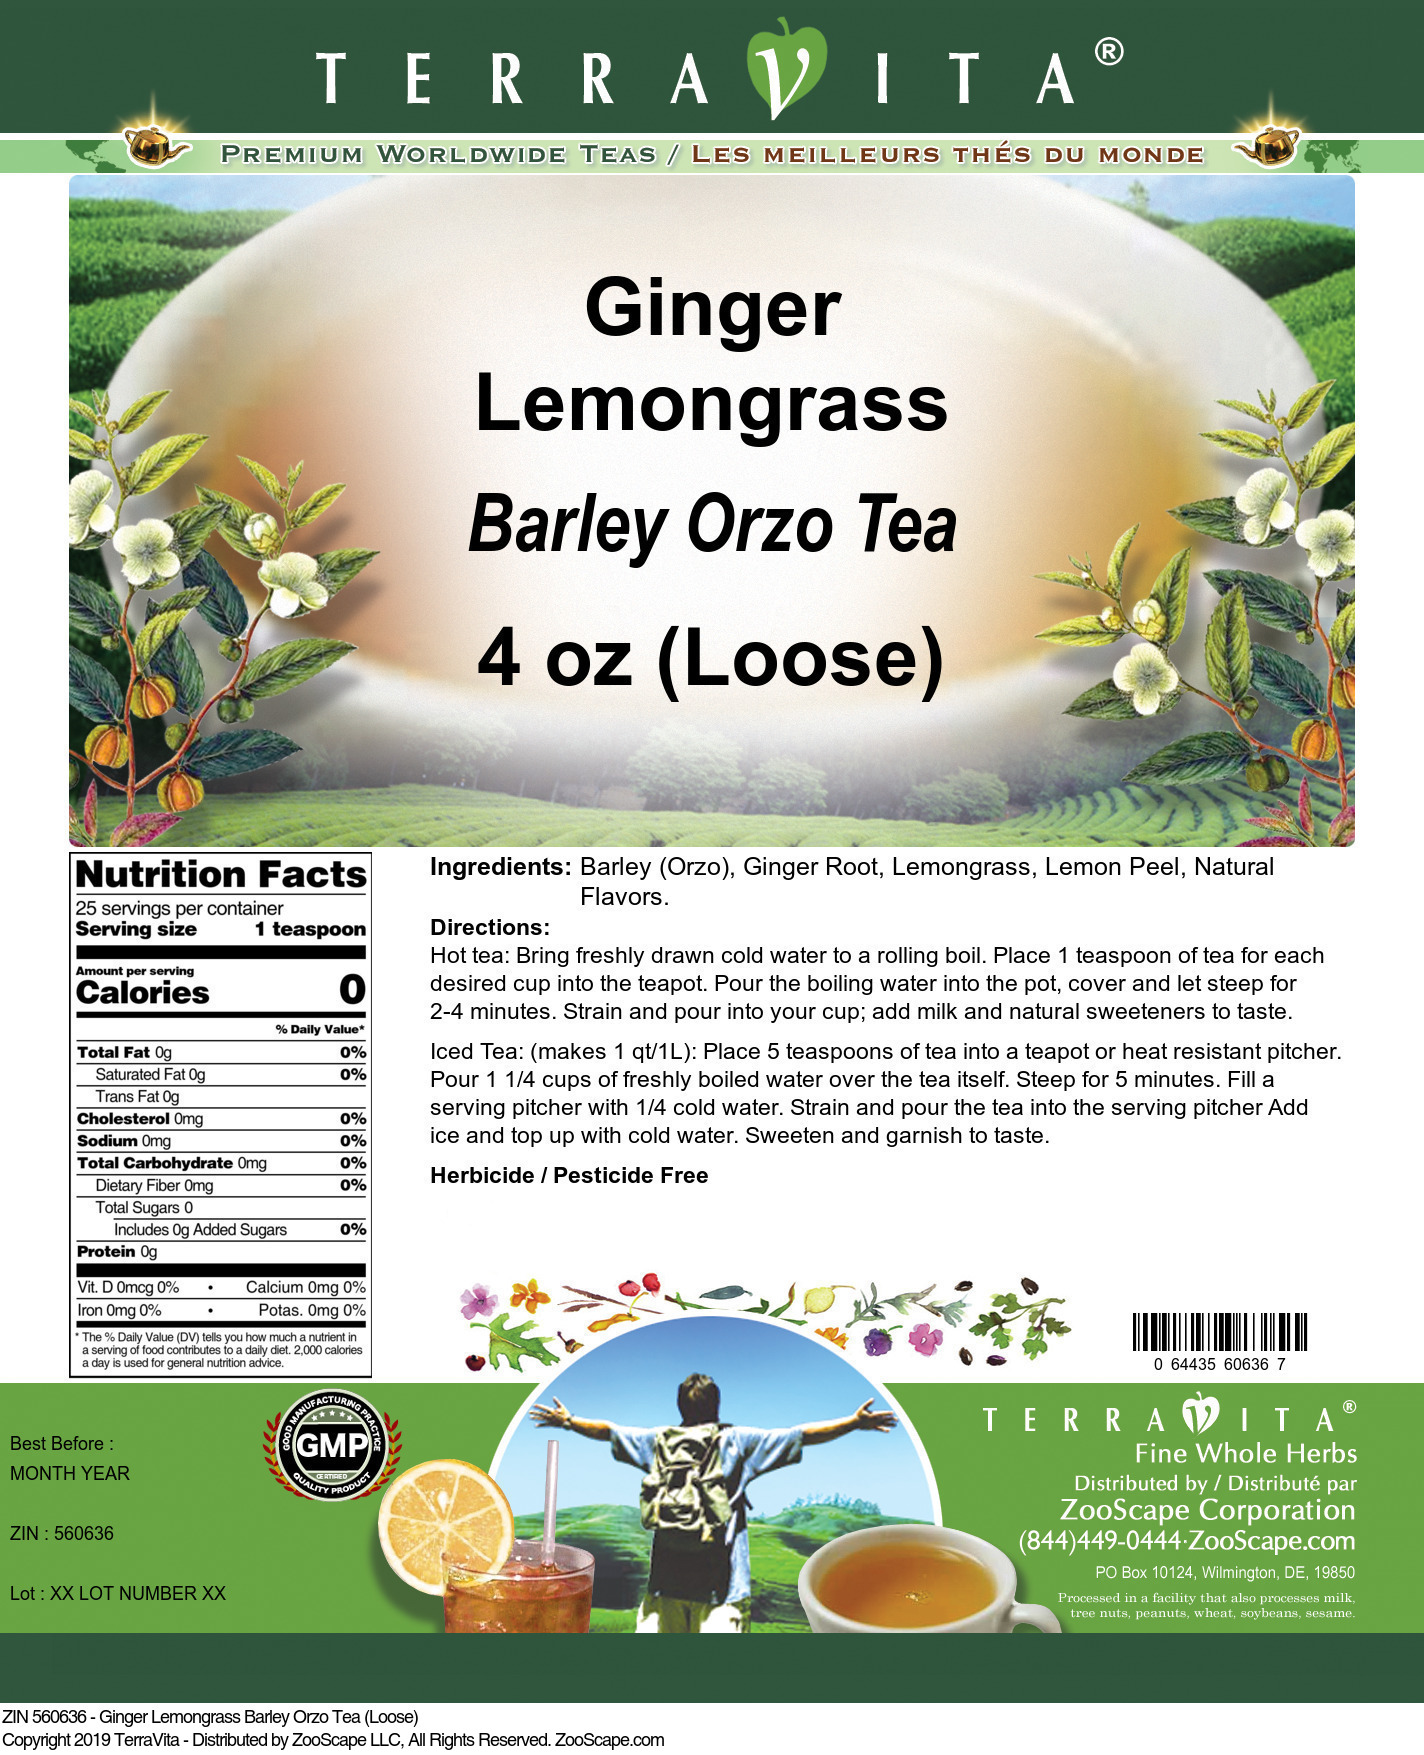 Ginger Lemongrass Barley Orzo